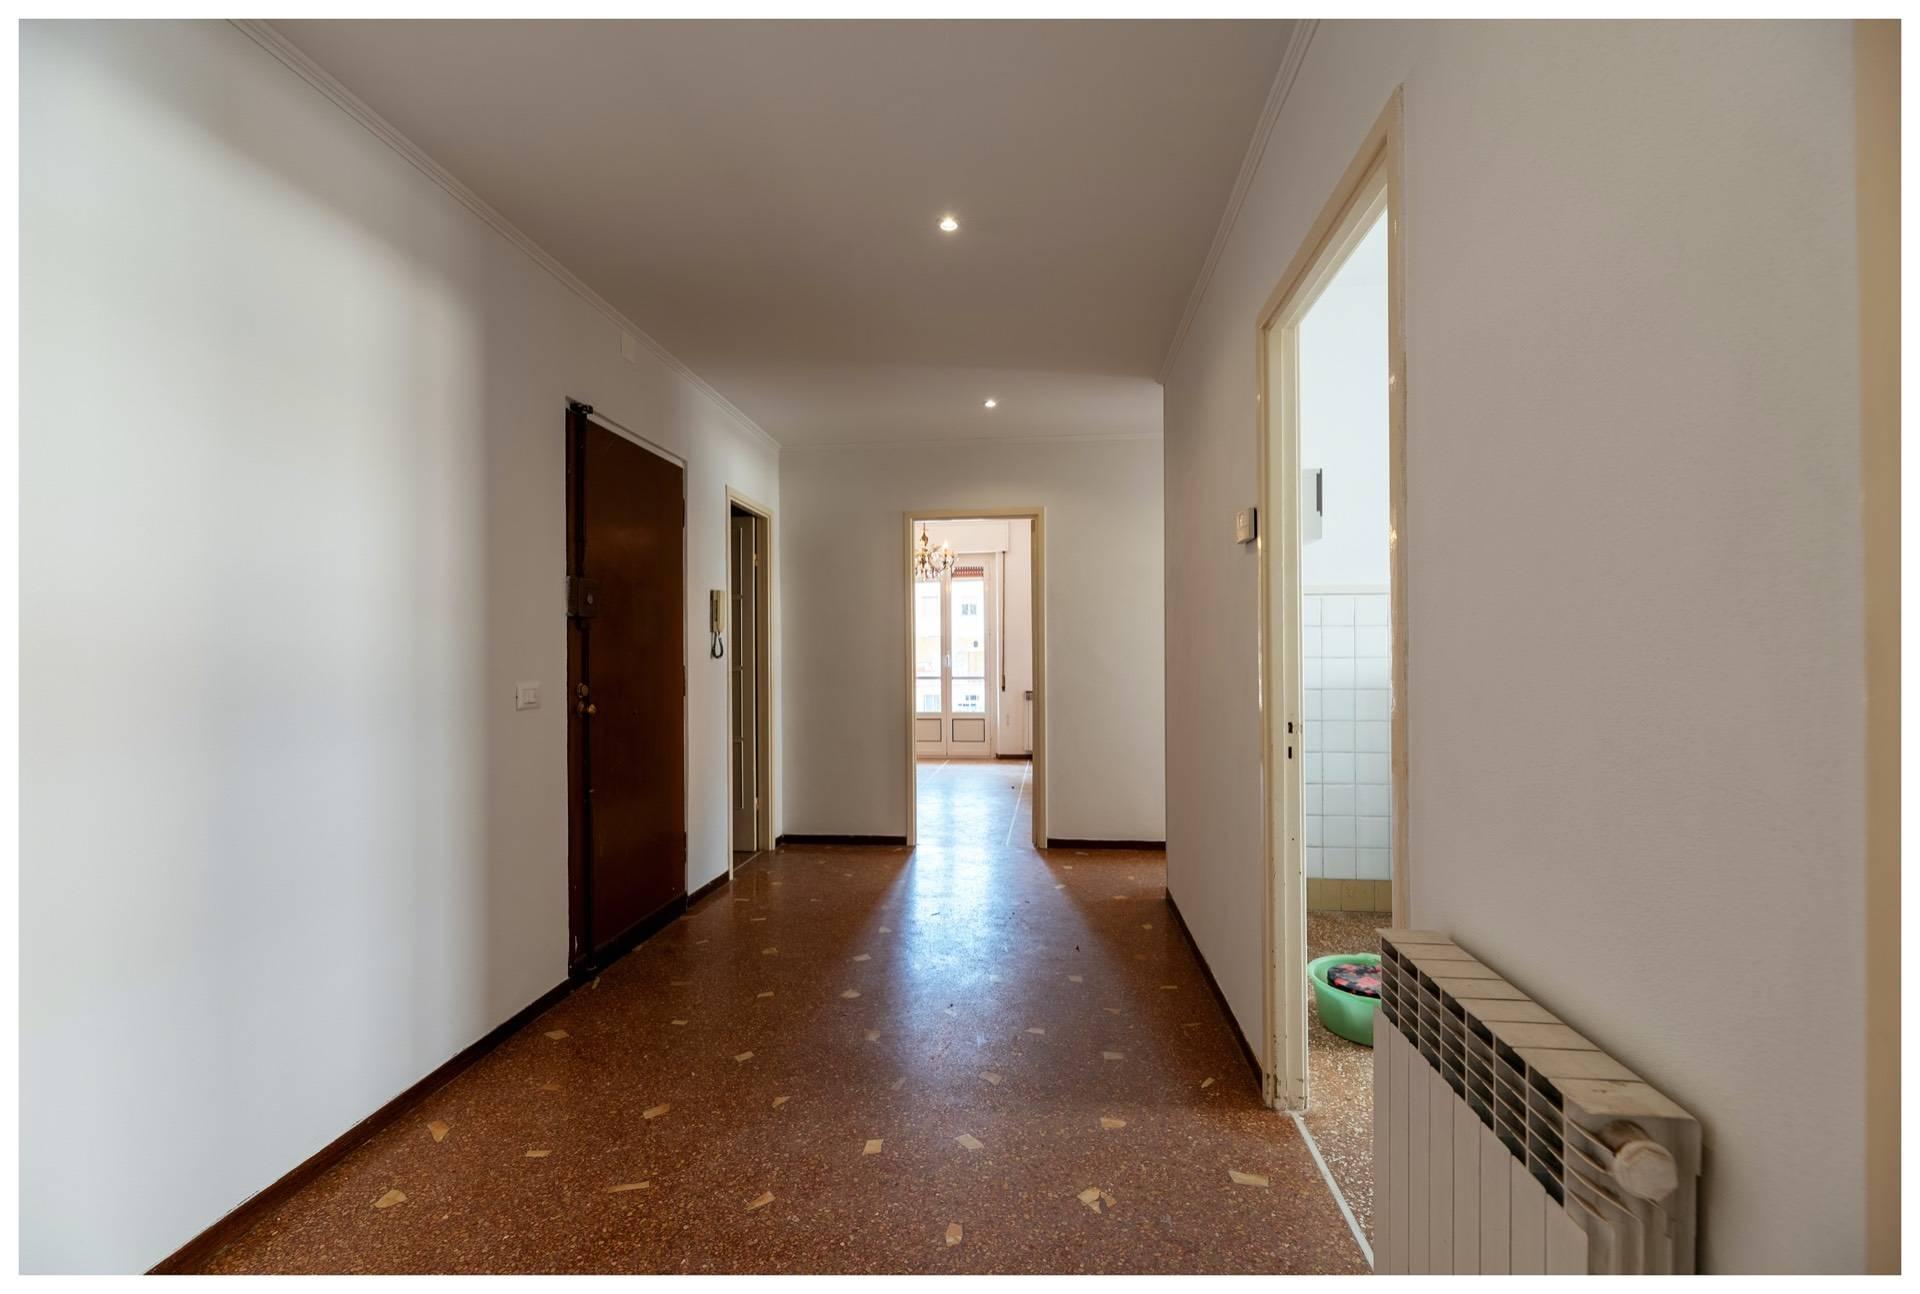 Appartamento in affitto a Varazze, 5 locali, zona Località: Varazze, prezzo € 730 | PortaleAgenzieImmobiliari.it